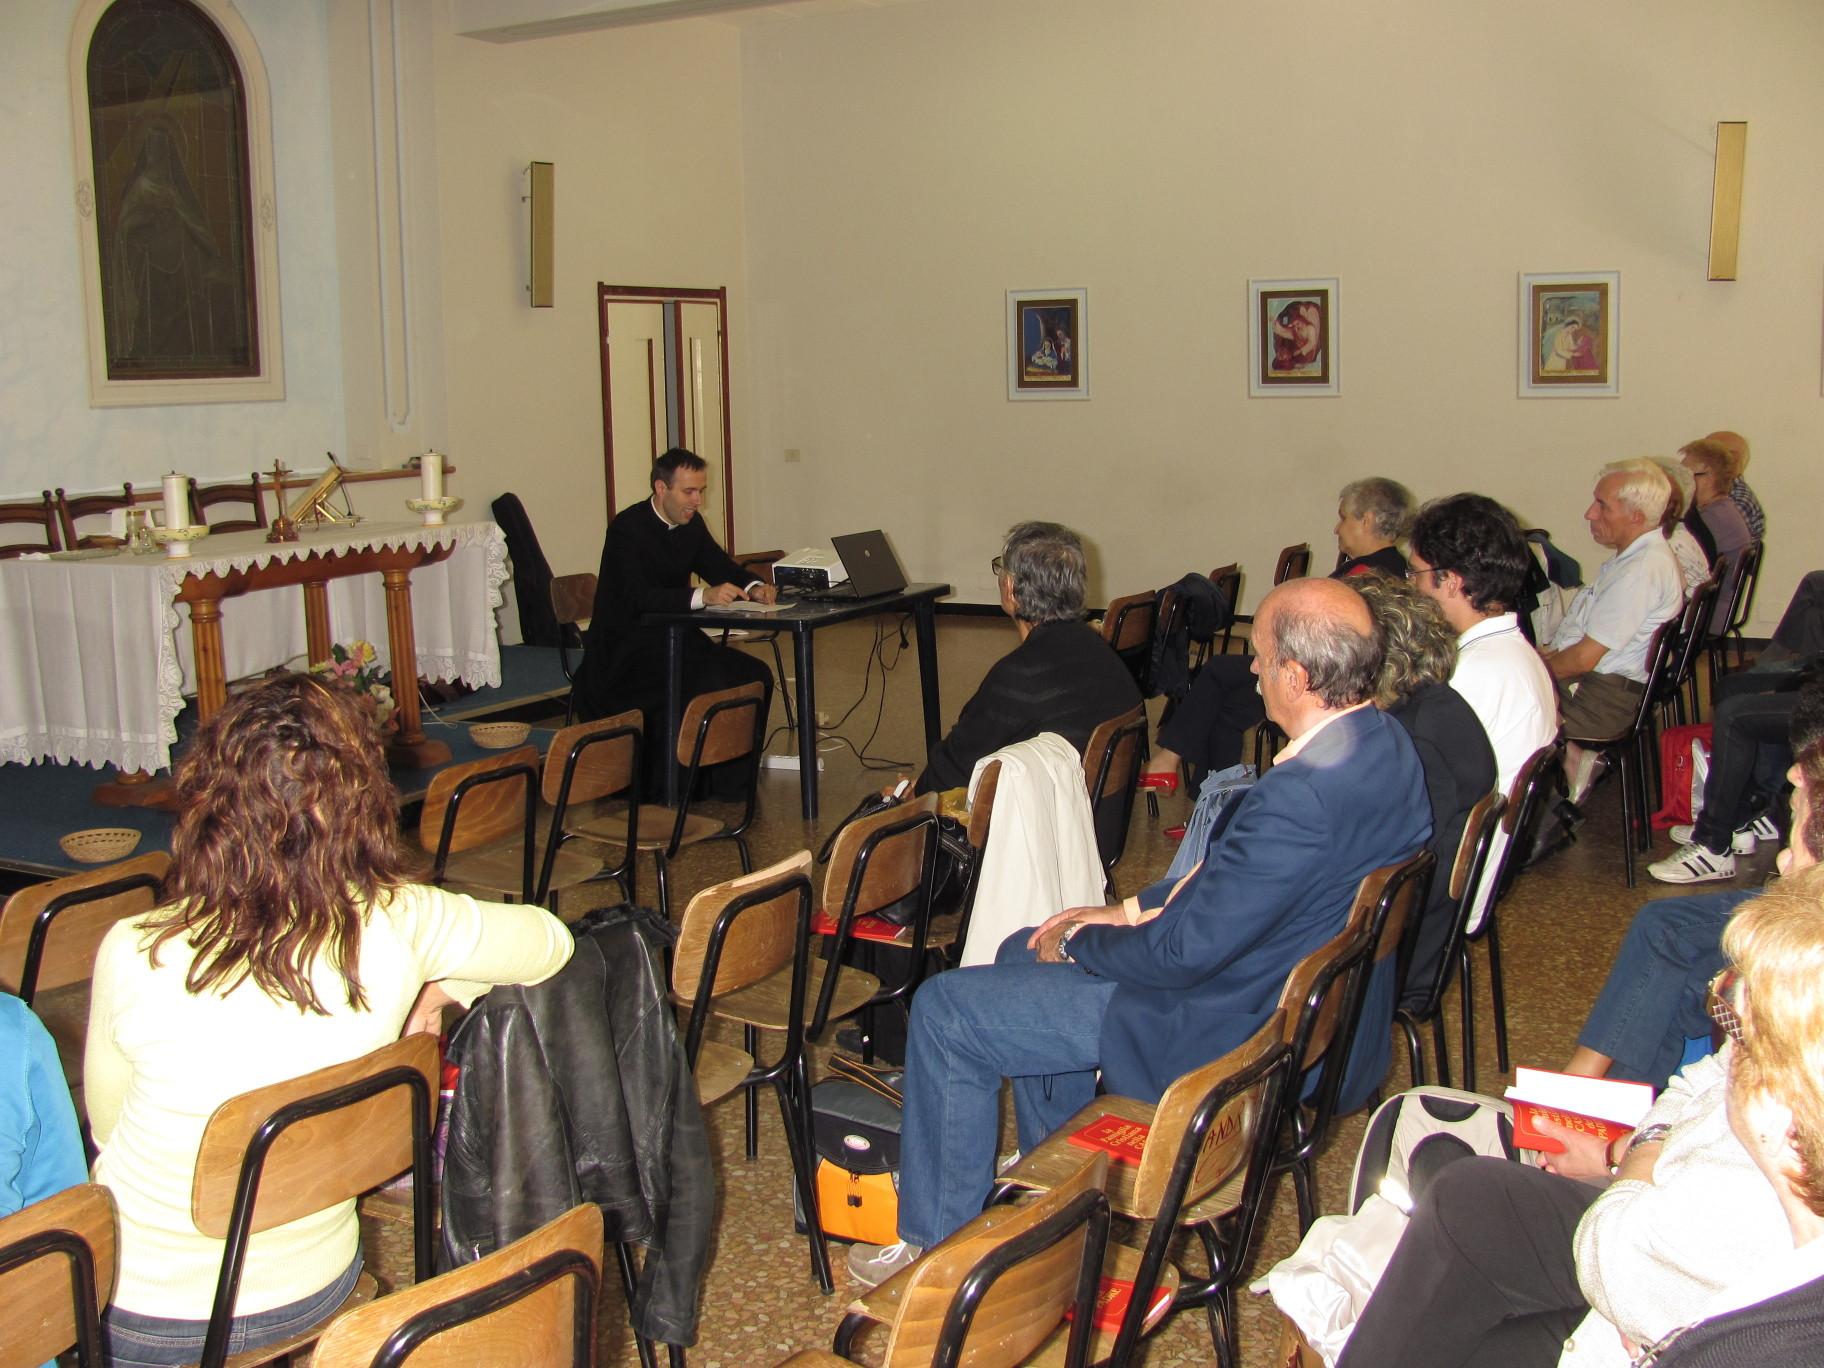 giornata_comunita_arenzano_2012-09-30-10-45-08